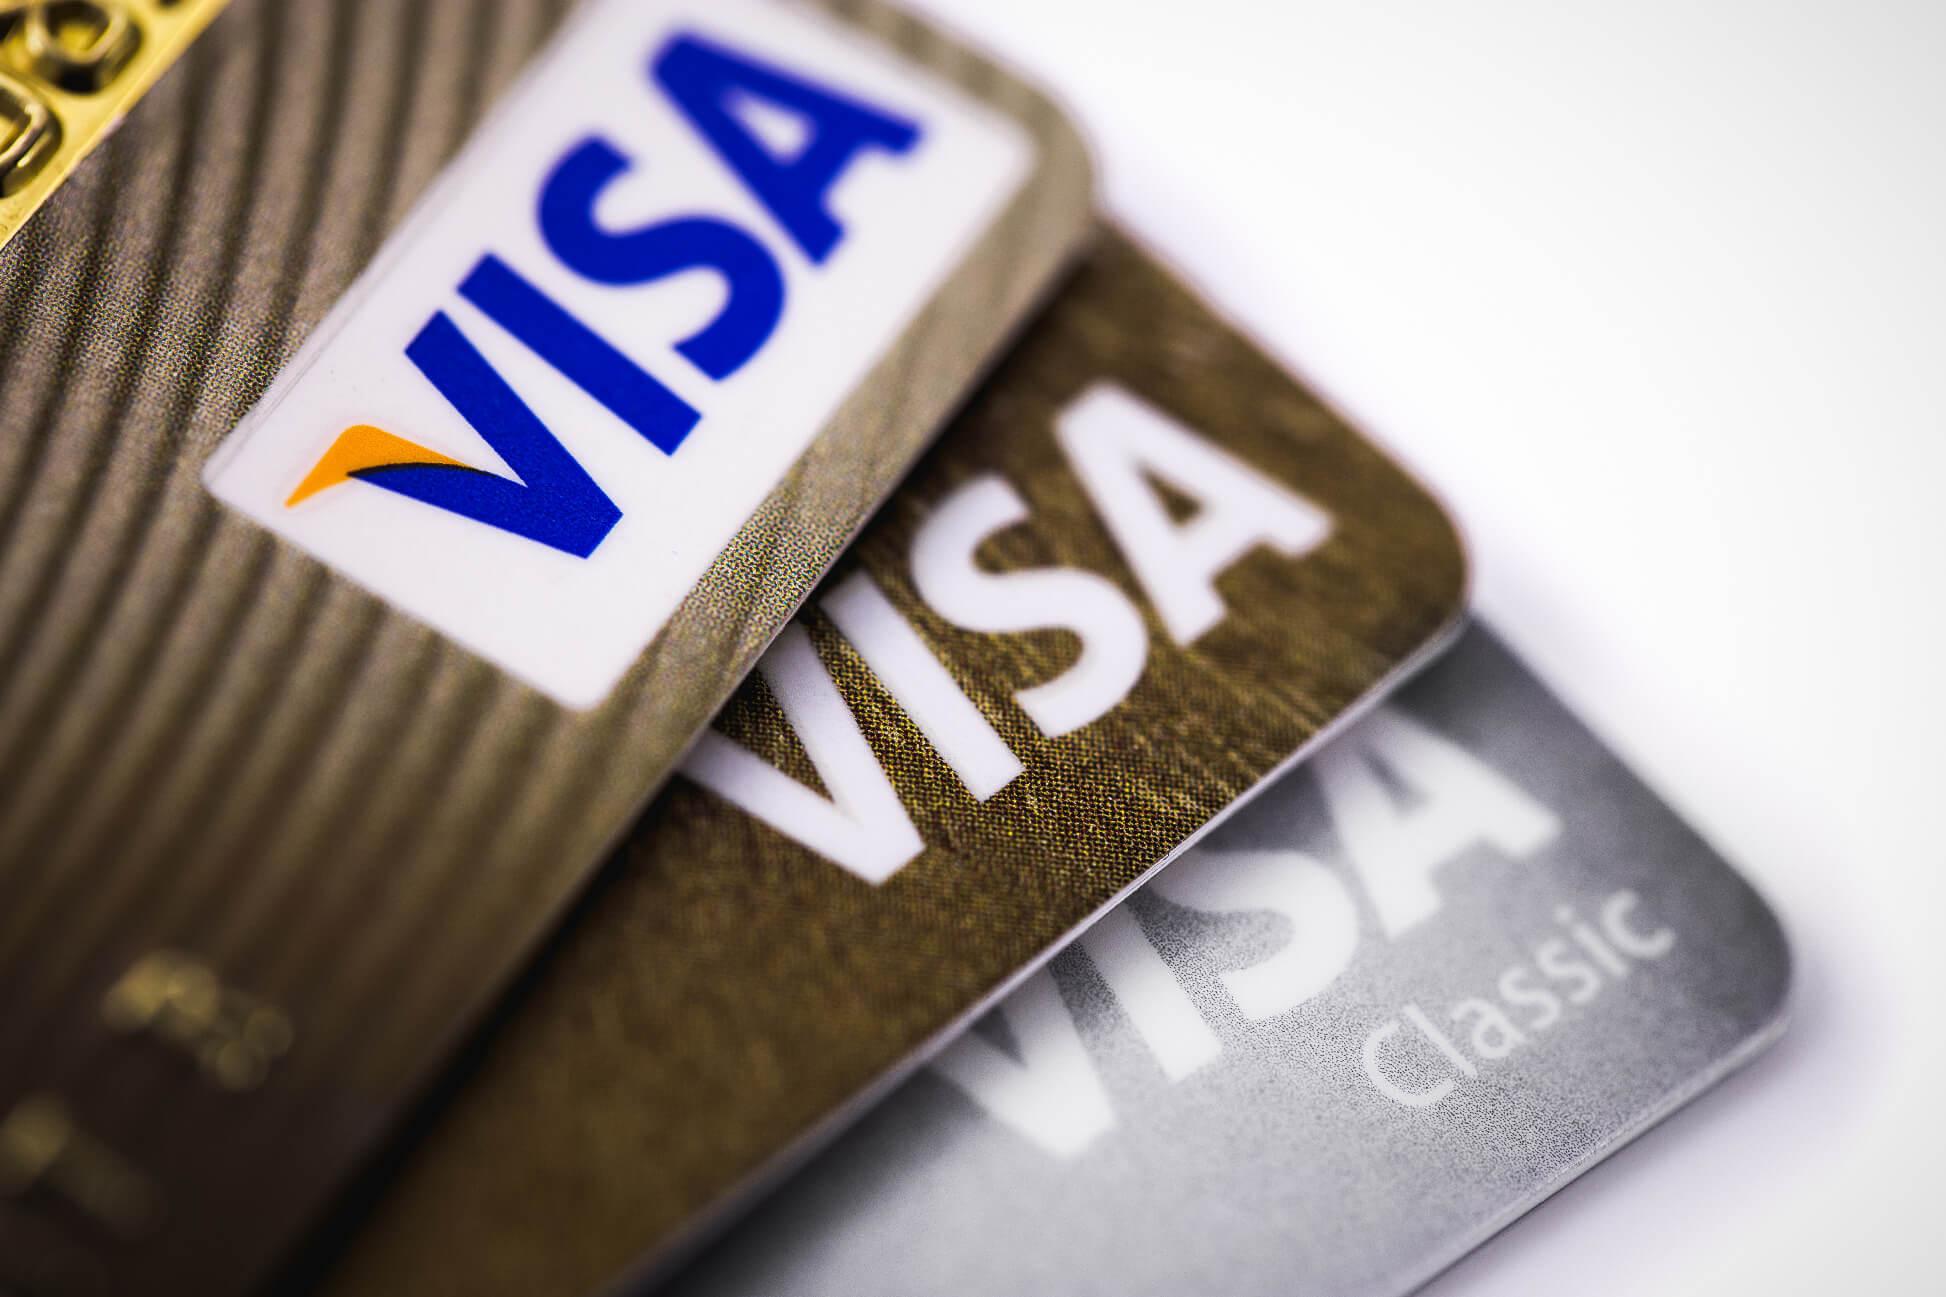 """شركة """"فيزا"""" تستخدم العملة الرقمية المستقرة USDC في تسوية أول معاملة مالية"""